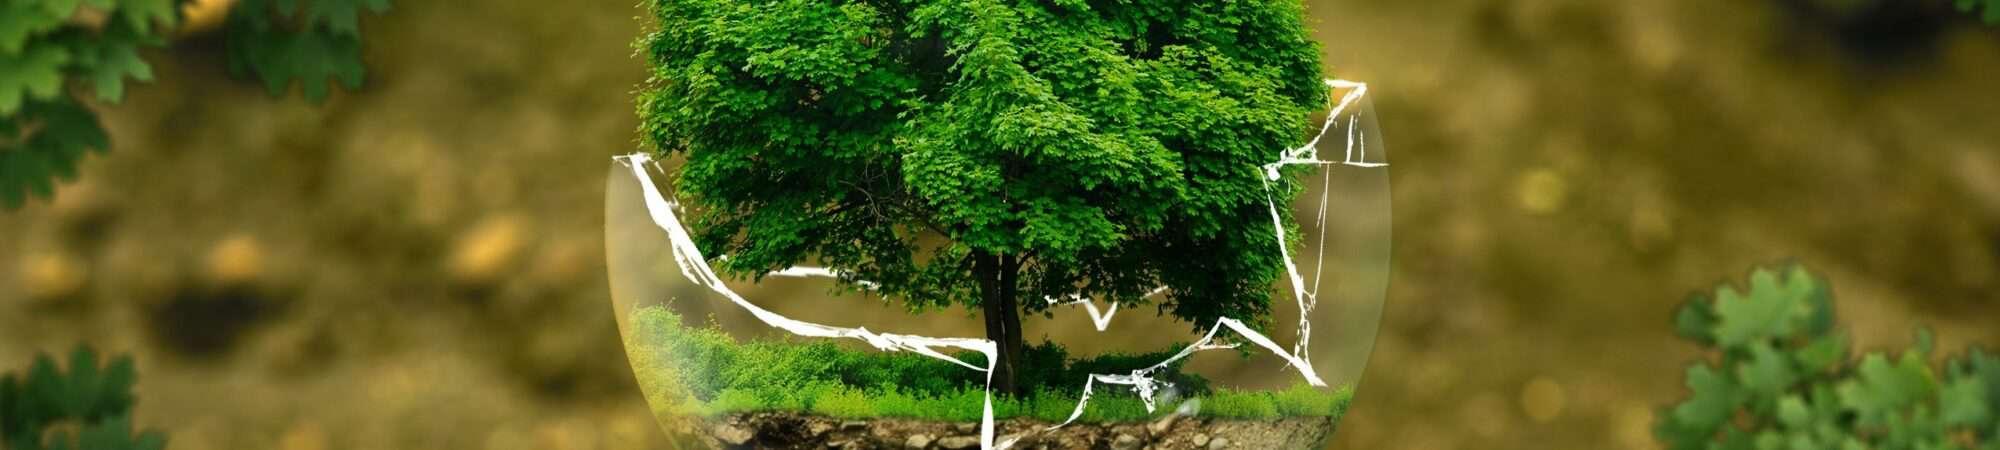 Imagem de árvores